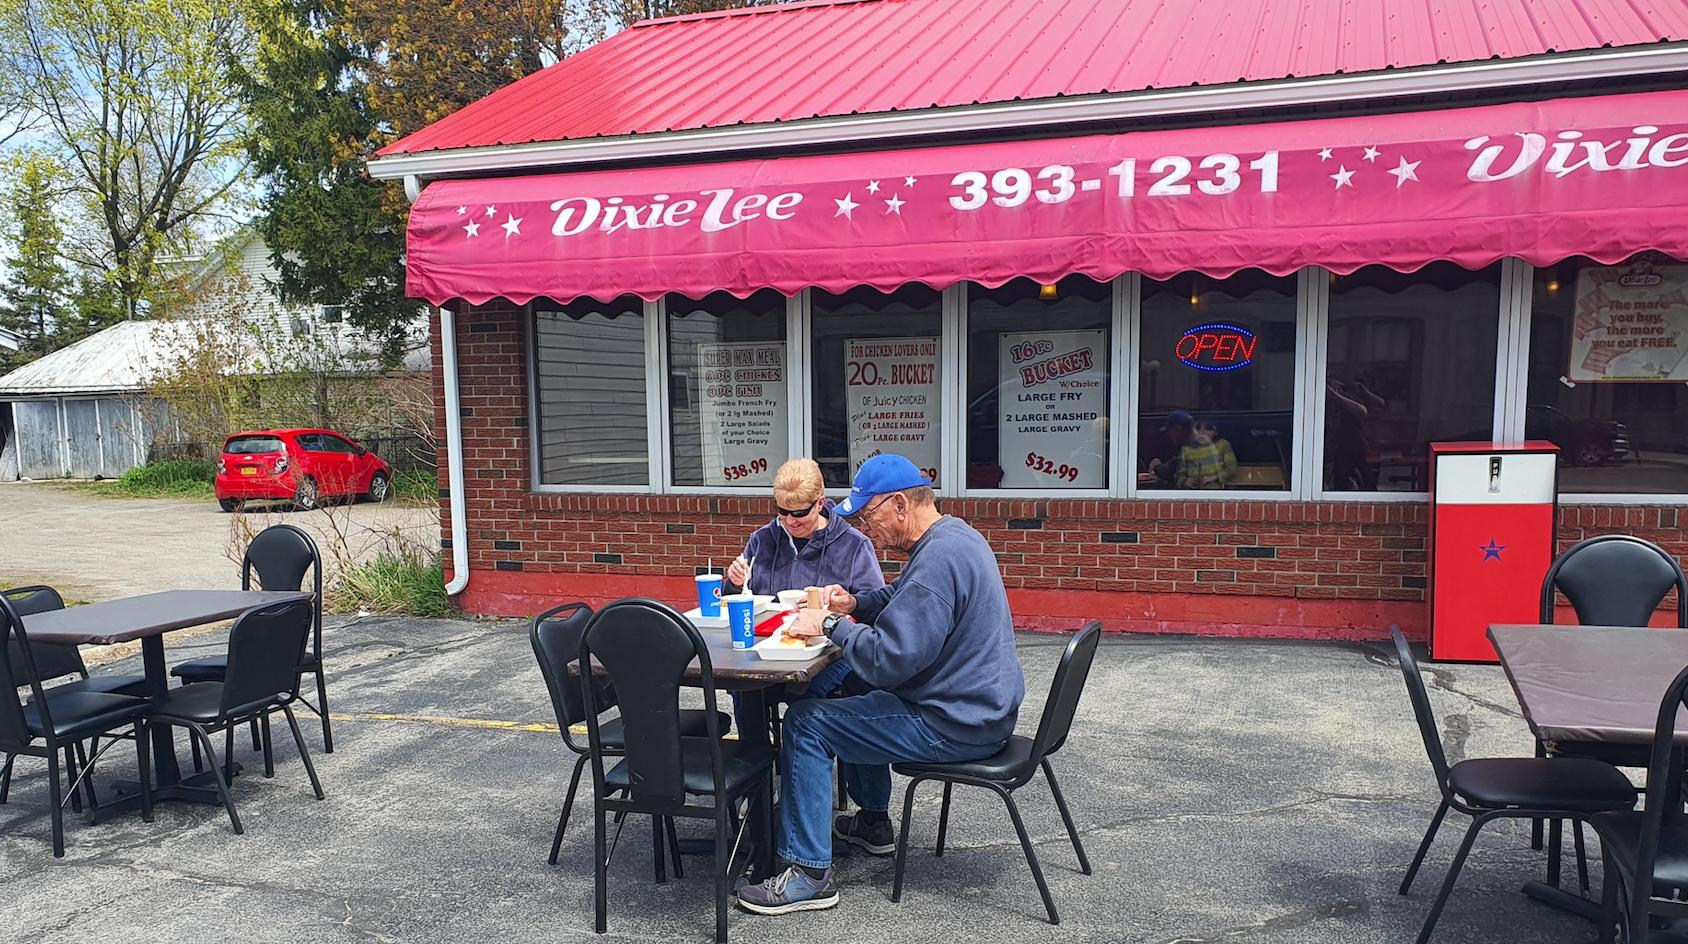 Dixie Lee Fried Chicken   Fast Food Fried Chicken Restaurant